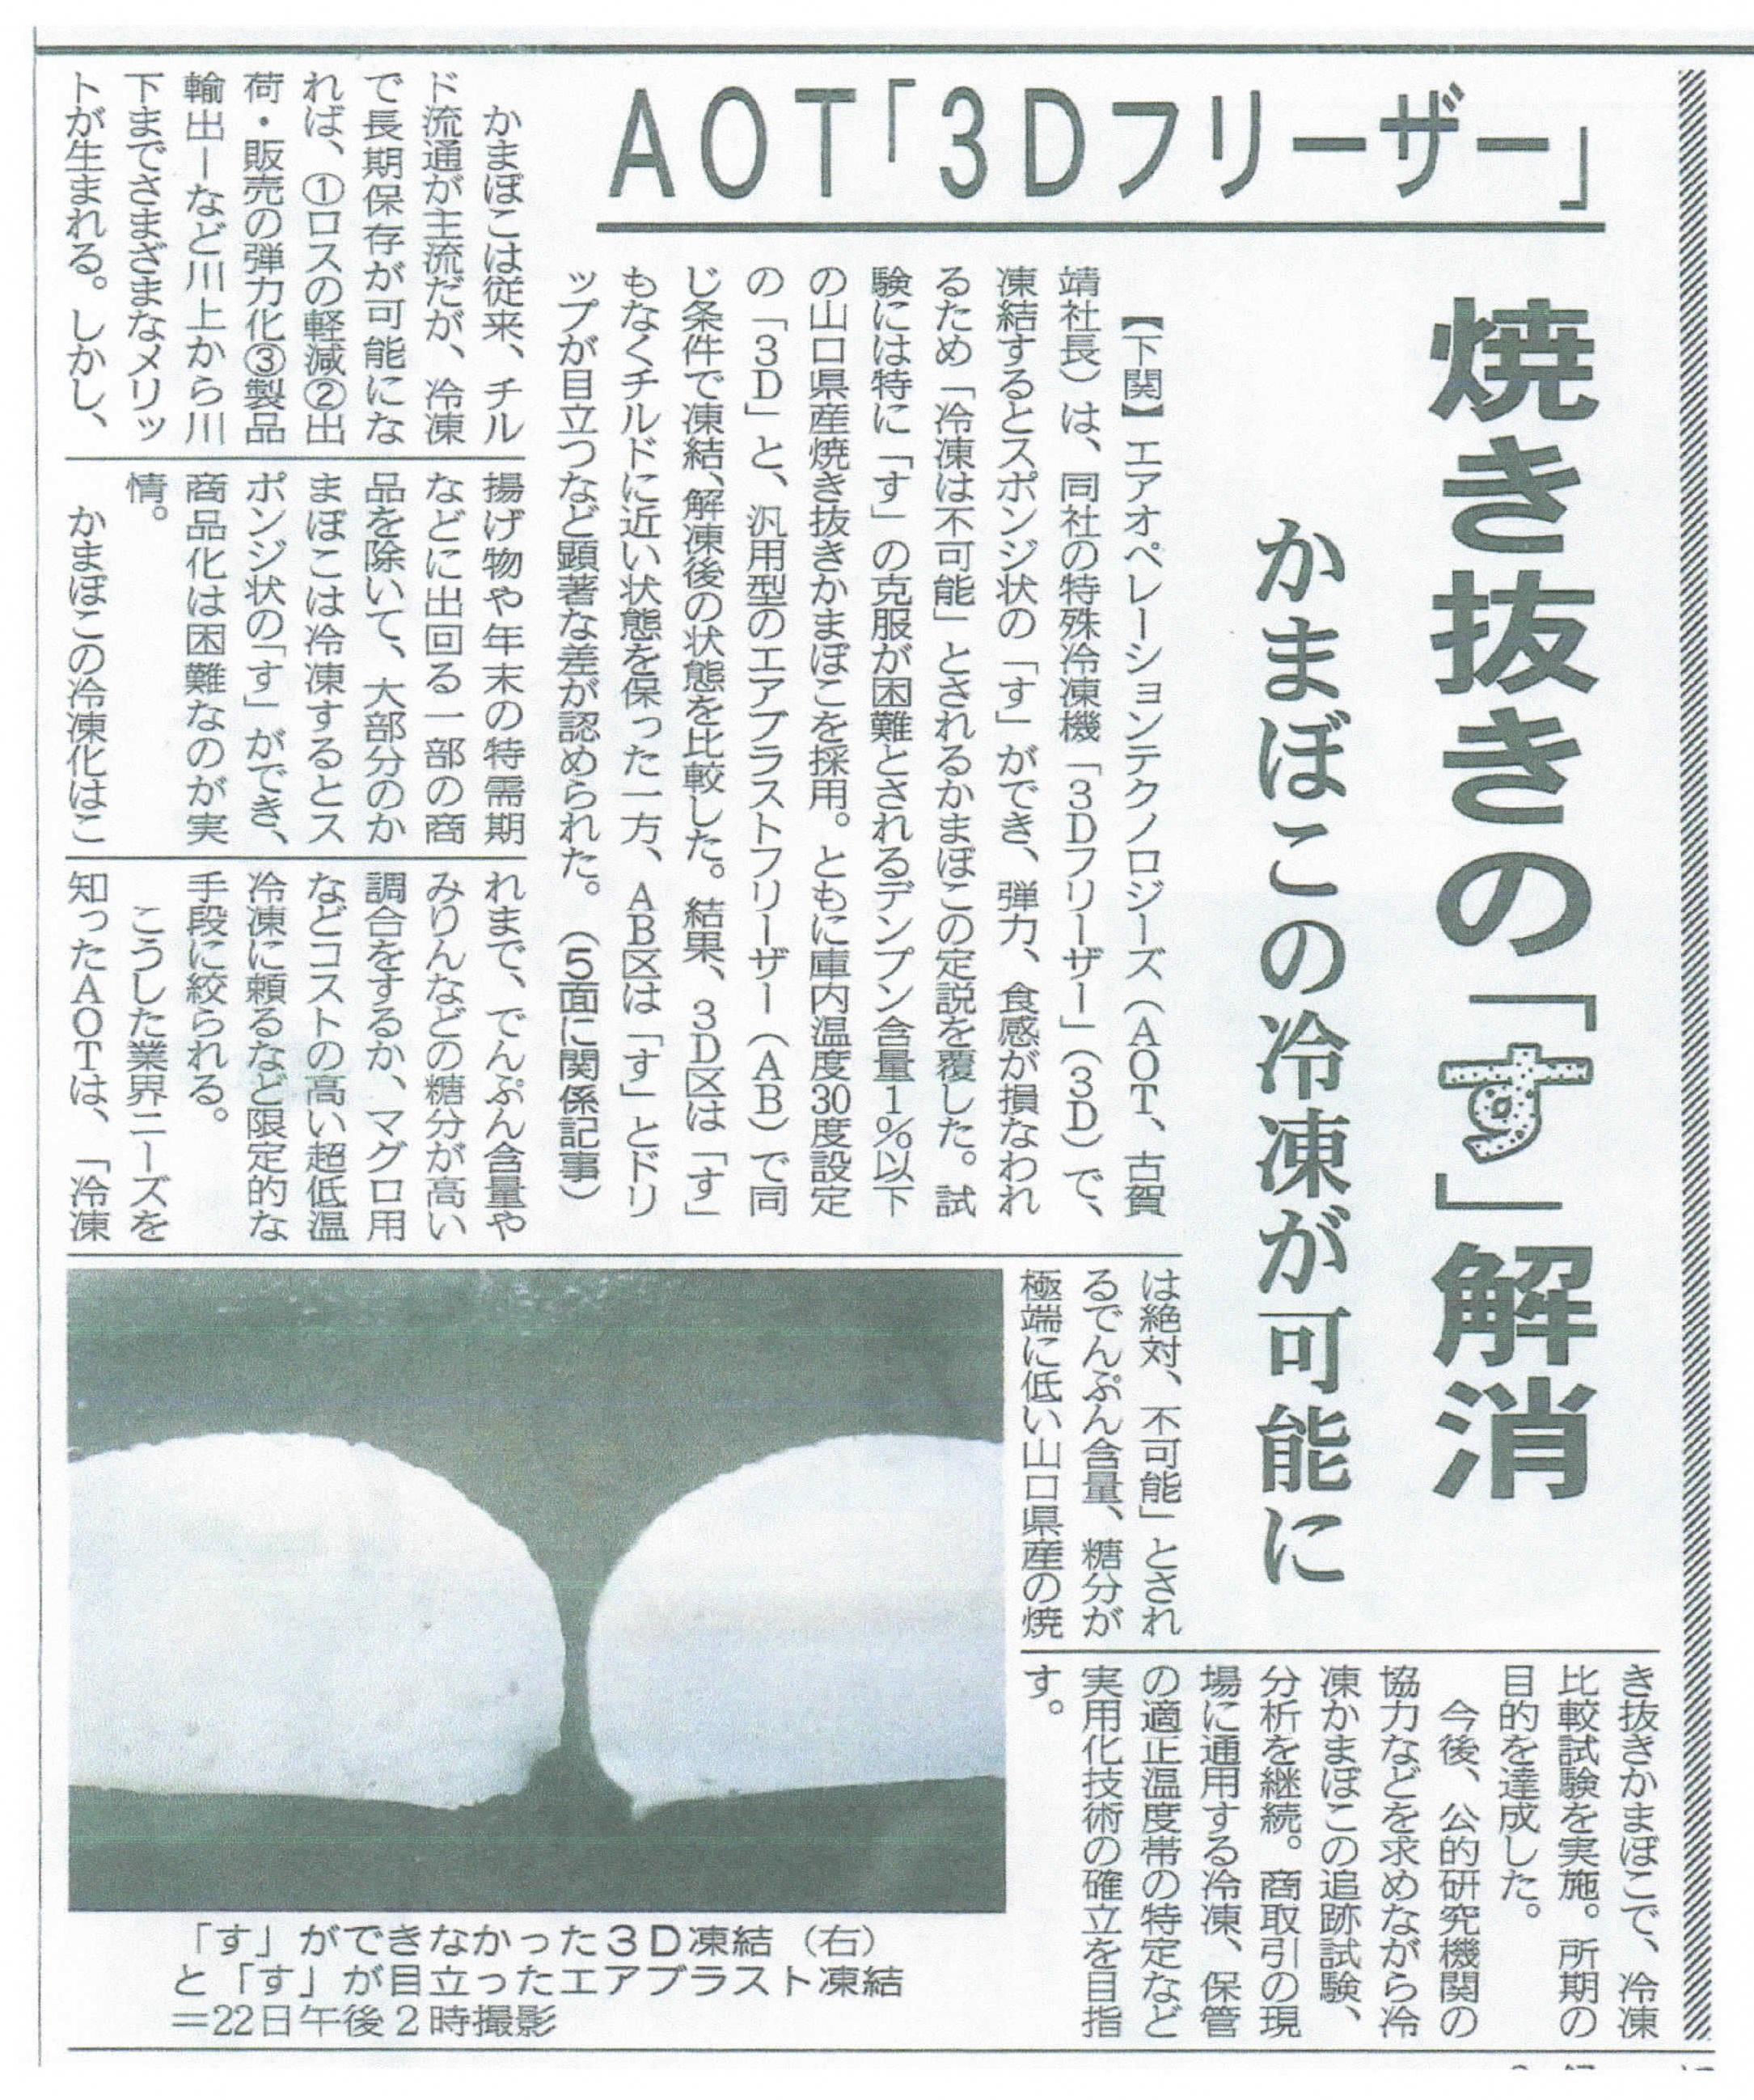 古賀産業3Dフリーザーみなと新聞